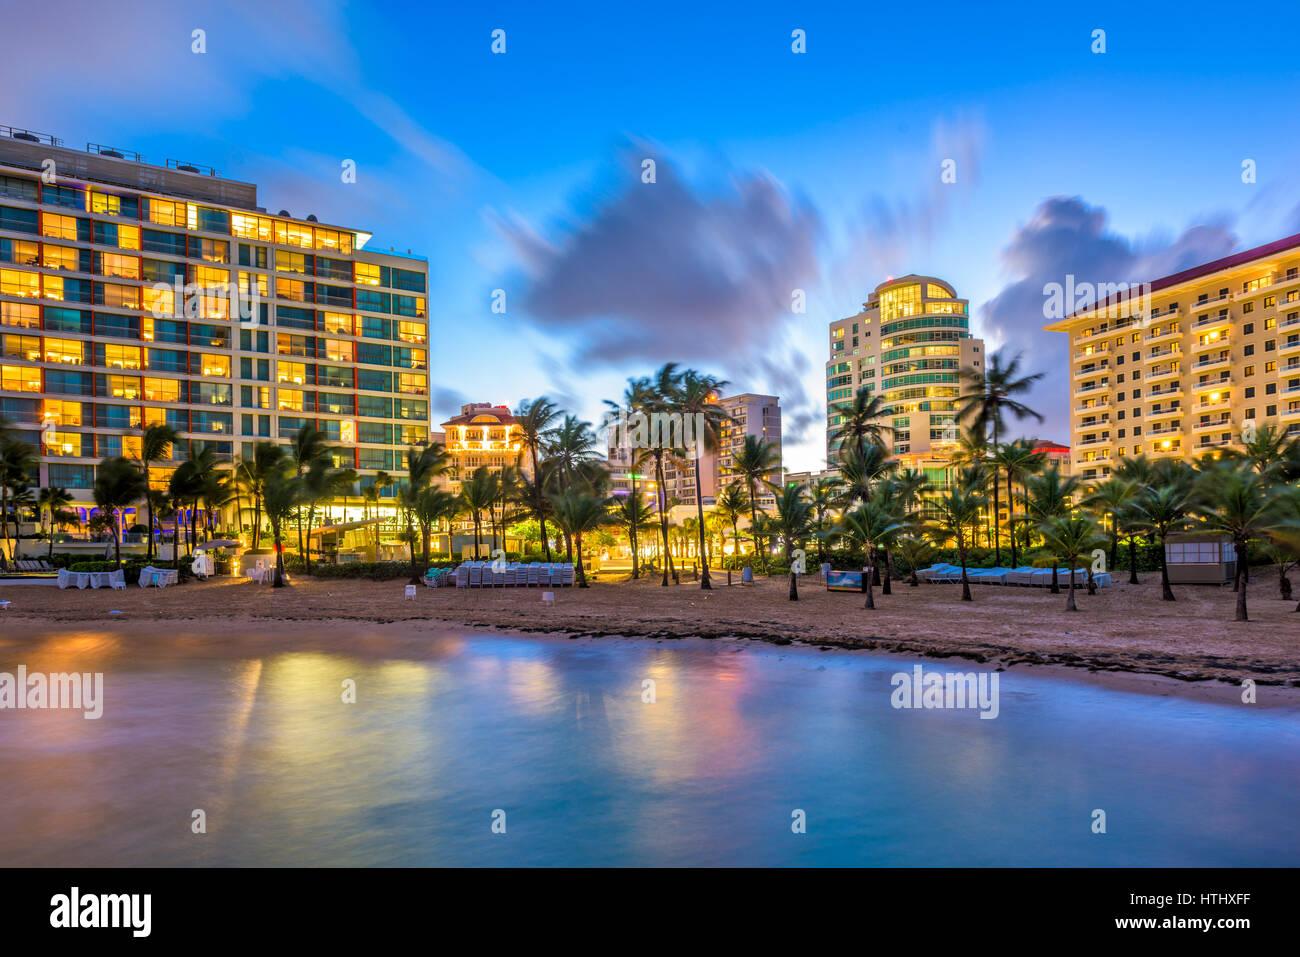 San Juan, Puerto Rico skyline resort sulla spiaggia di Condado. Immagini Stock